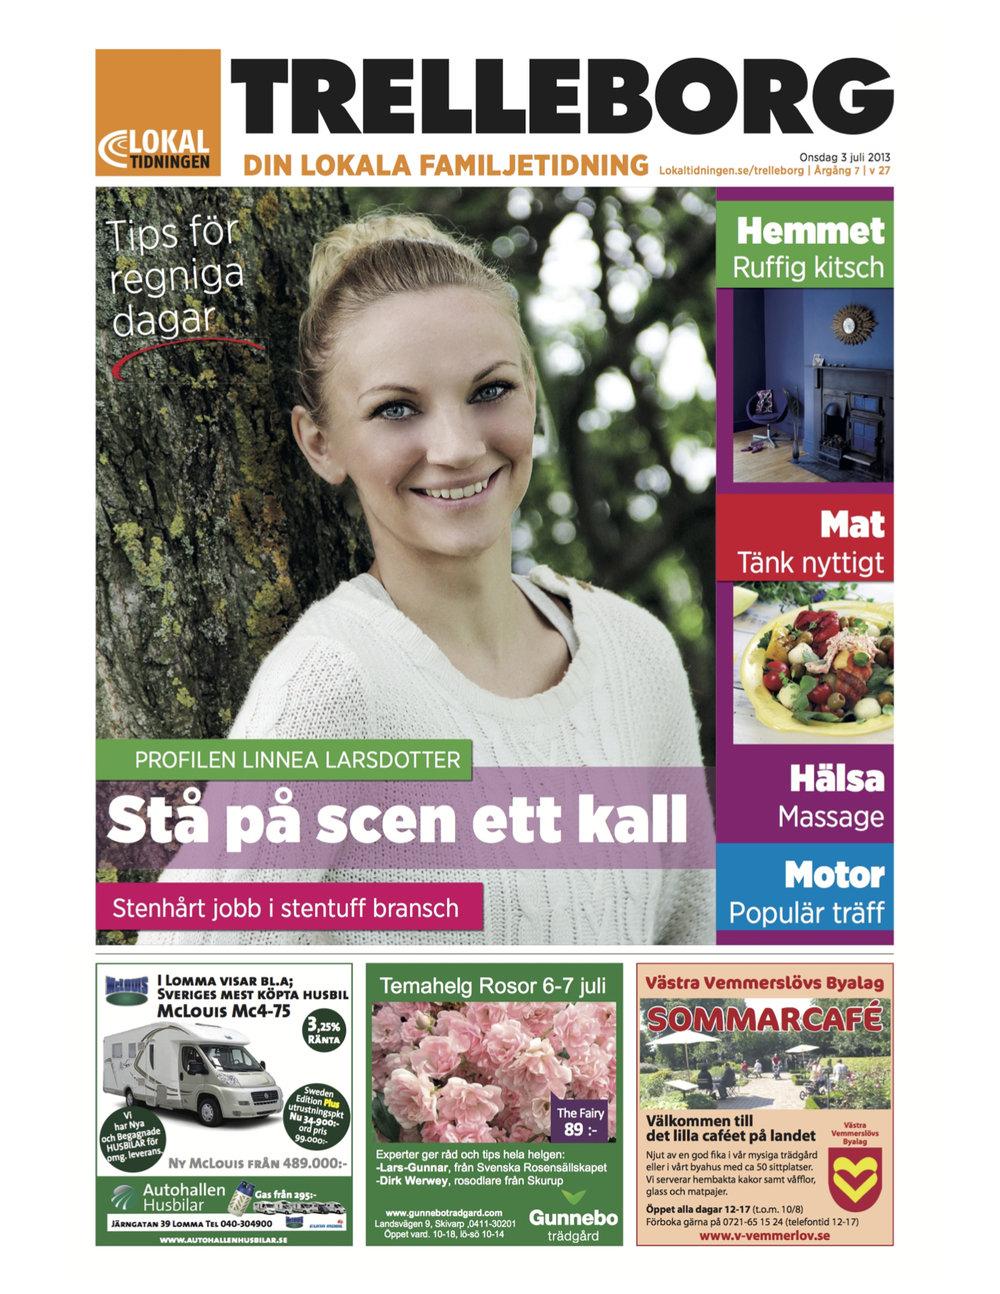 Lokaldelen 2013 cover - Linnea Larsdotter.jpg